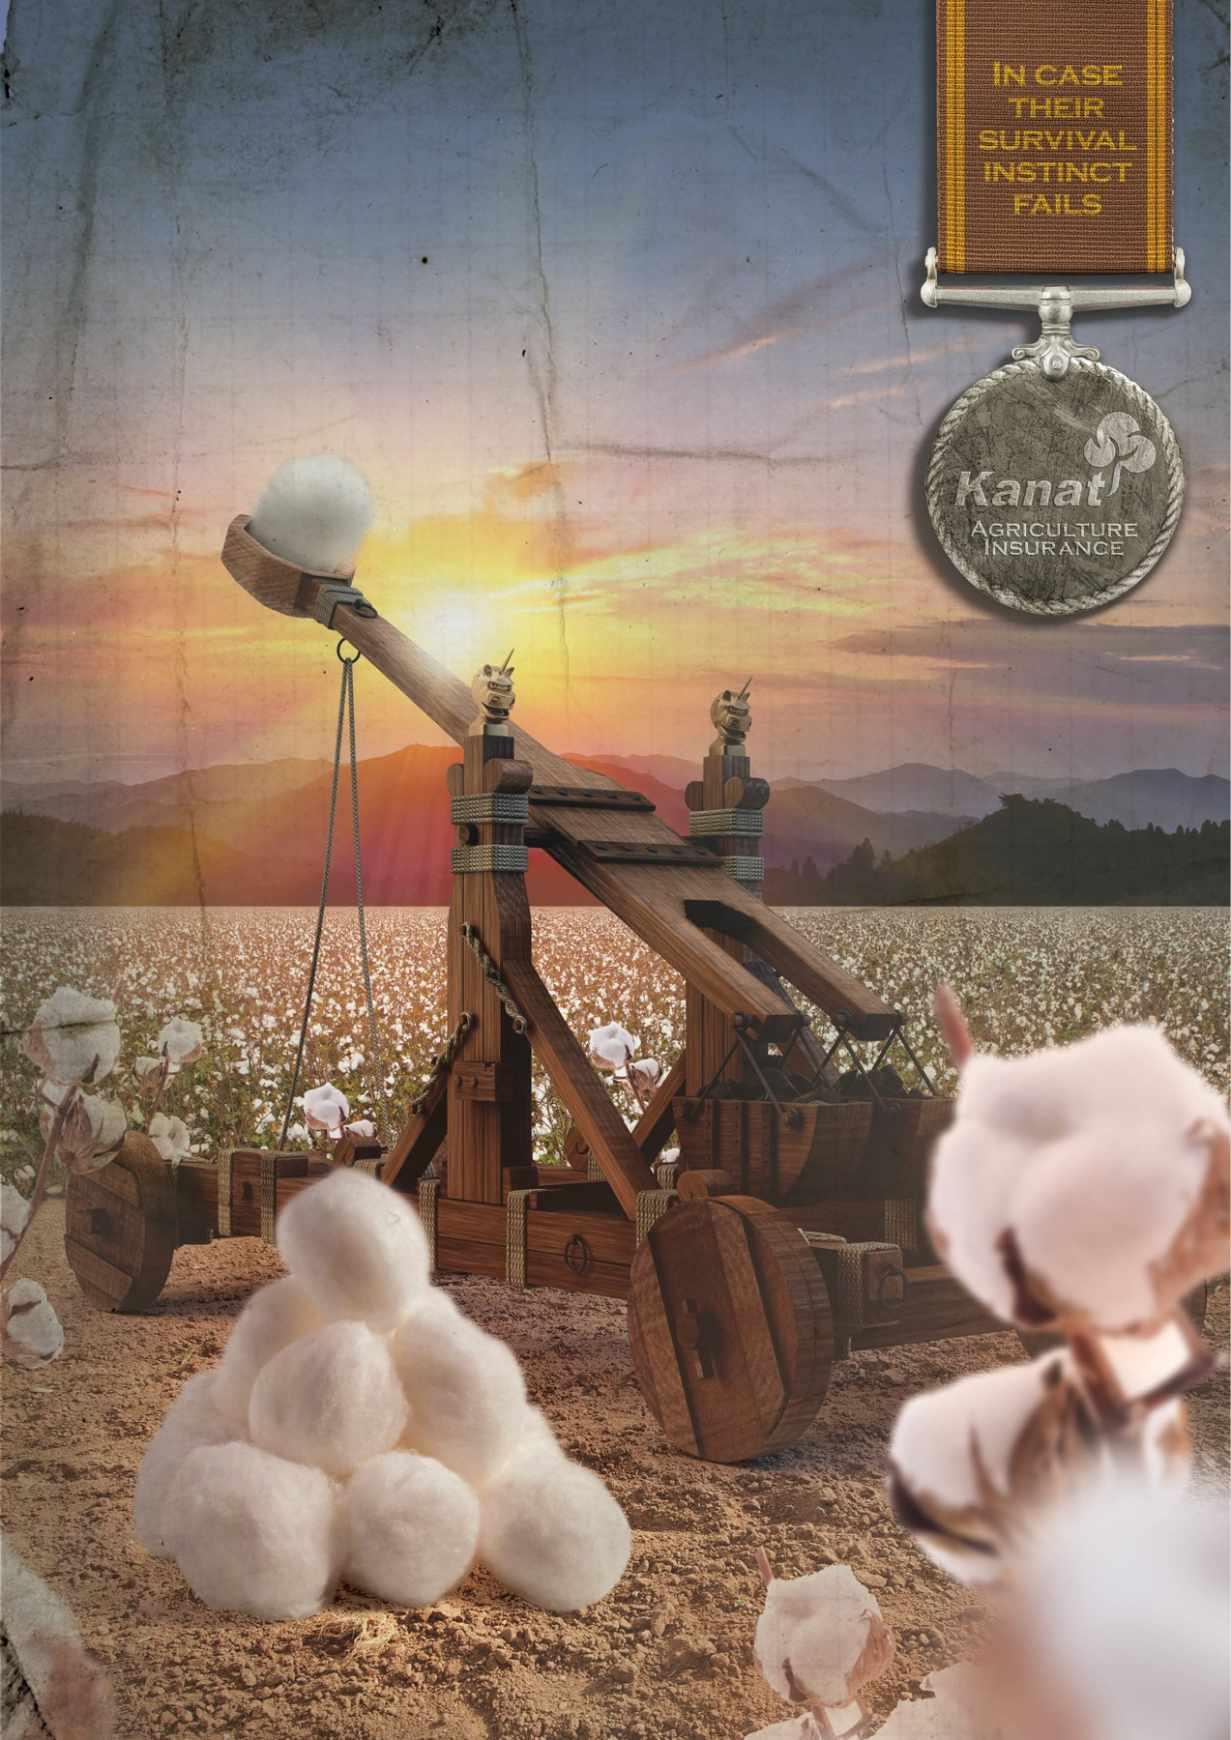 Kanat 农业保险平面创意广告设计棉花篇-上海尚略广告设计公司平面广告分享